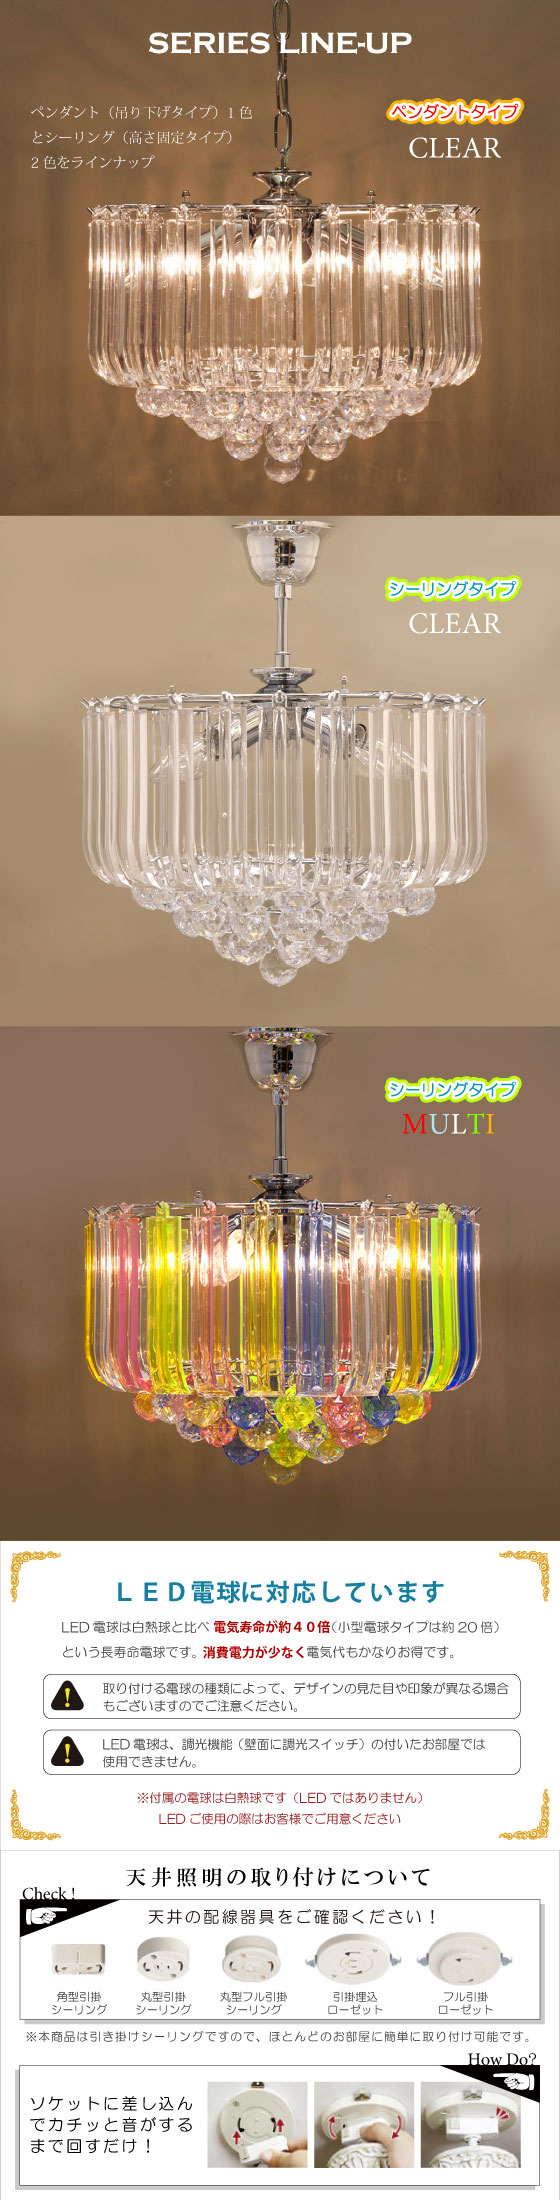 ペンダントタイプ・ゴージャス4灯シャンデリア(クリアー)LED対応